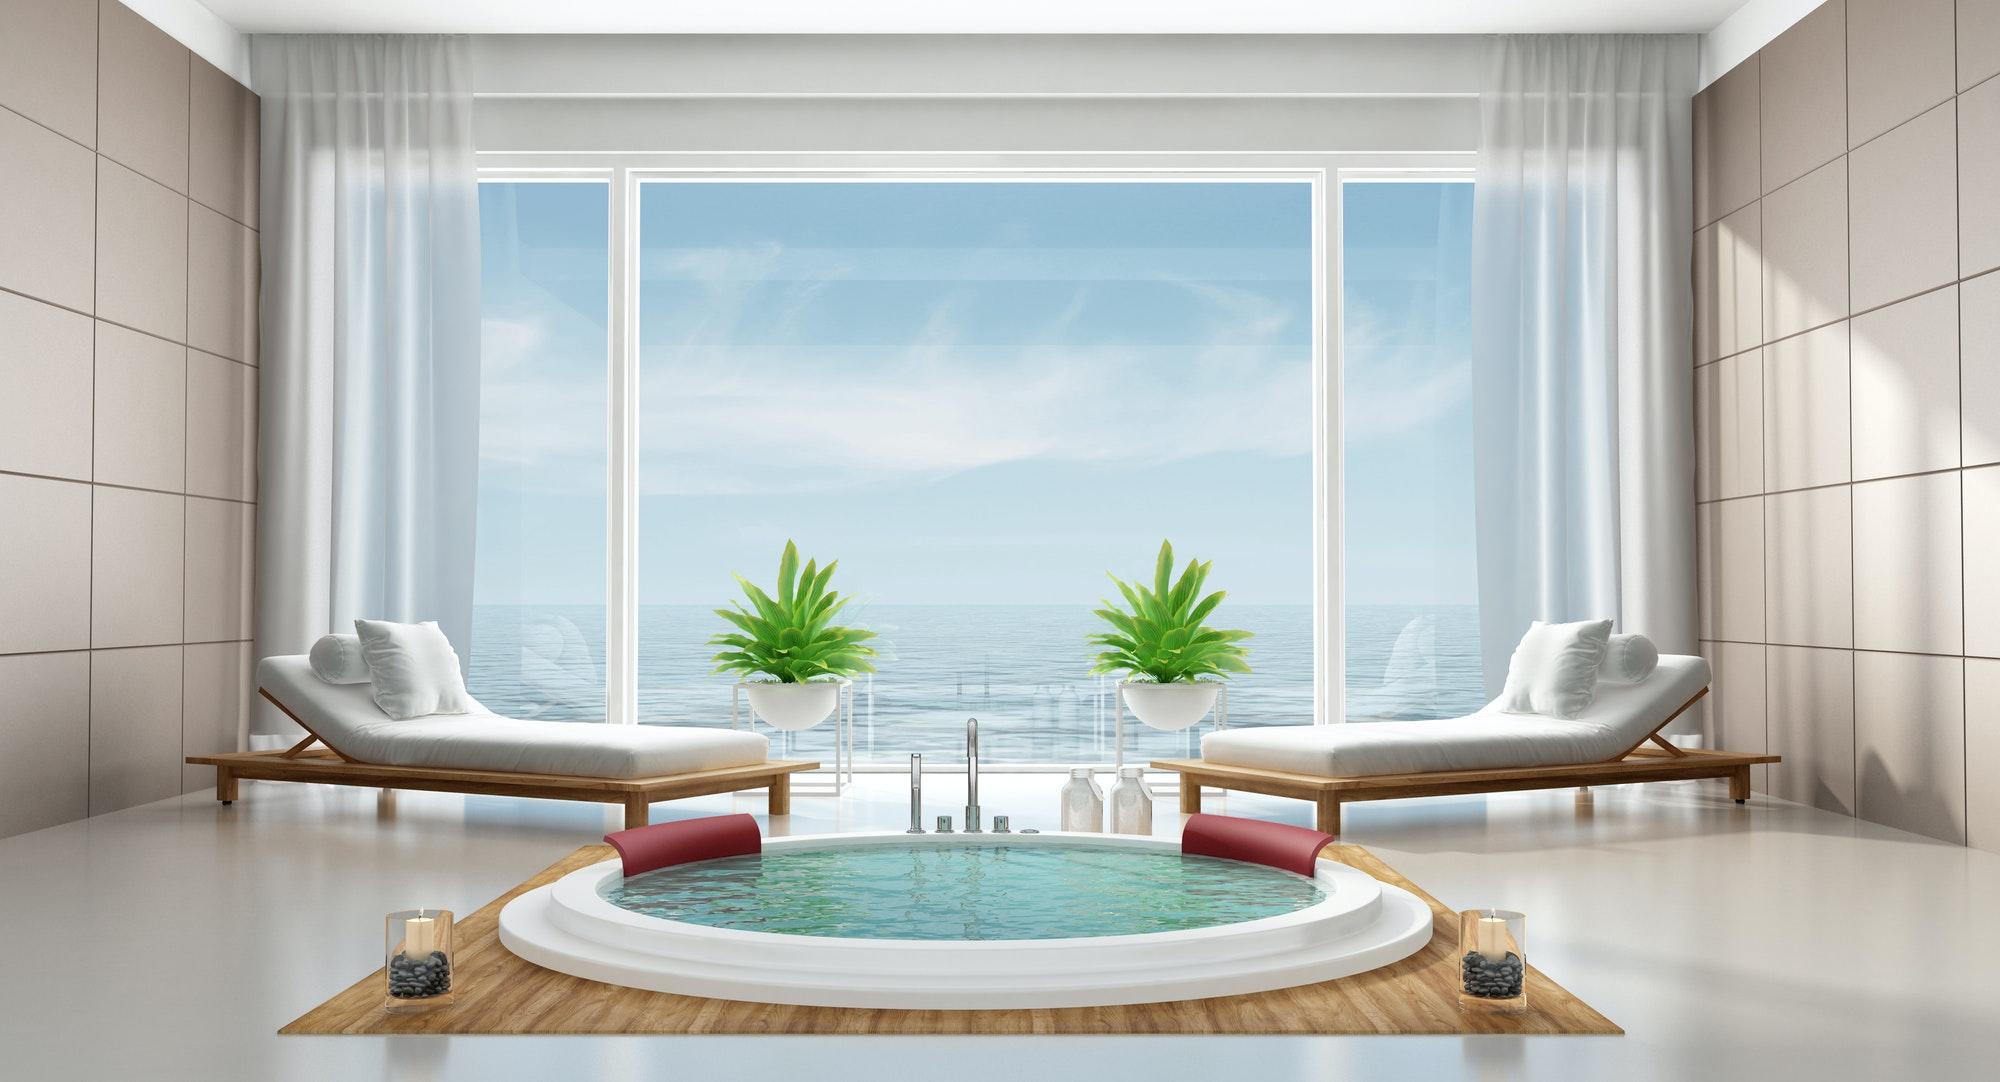 Reformas baños Baño moderno de lujo